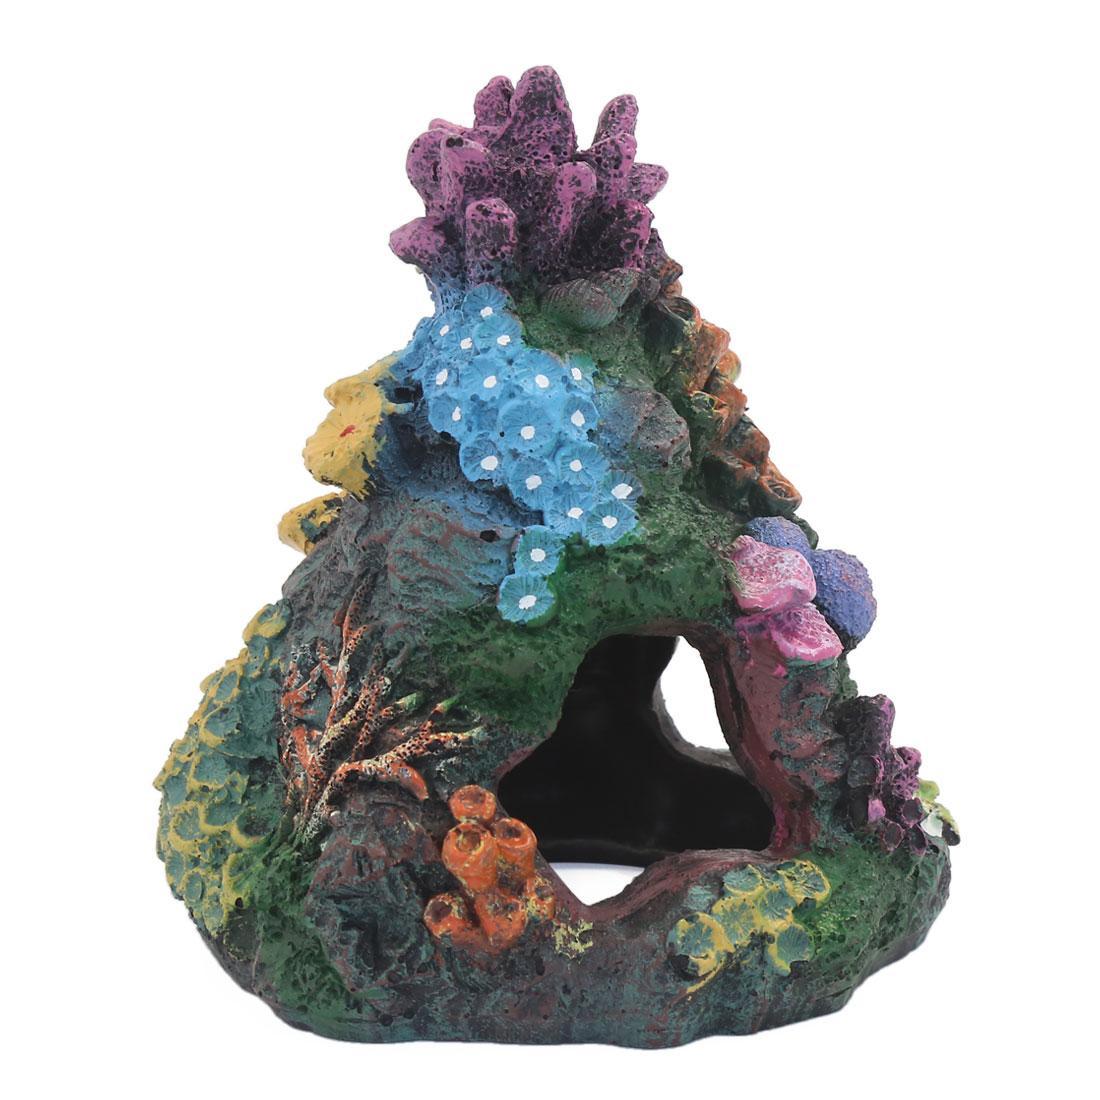 Paysage aquatique Rocaille artificielle Betta Bois Décoration d'aquarium 3